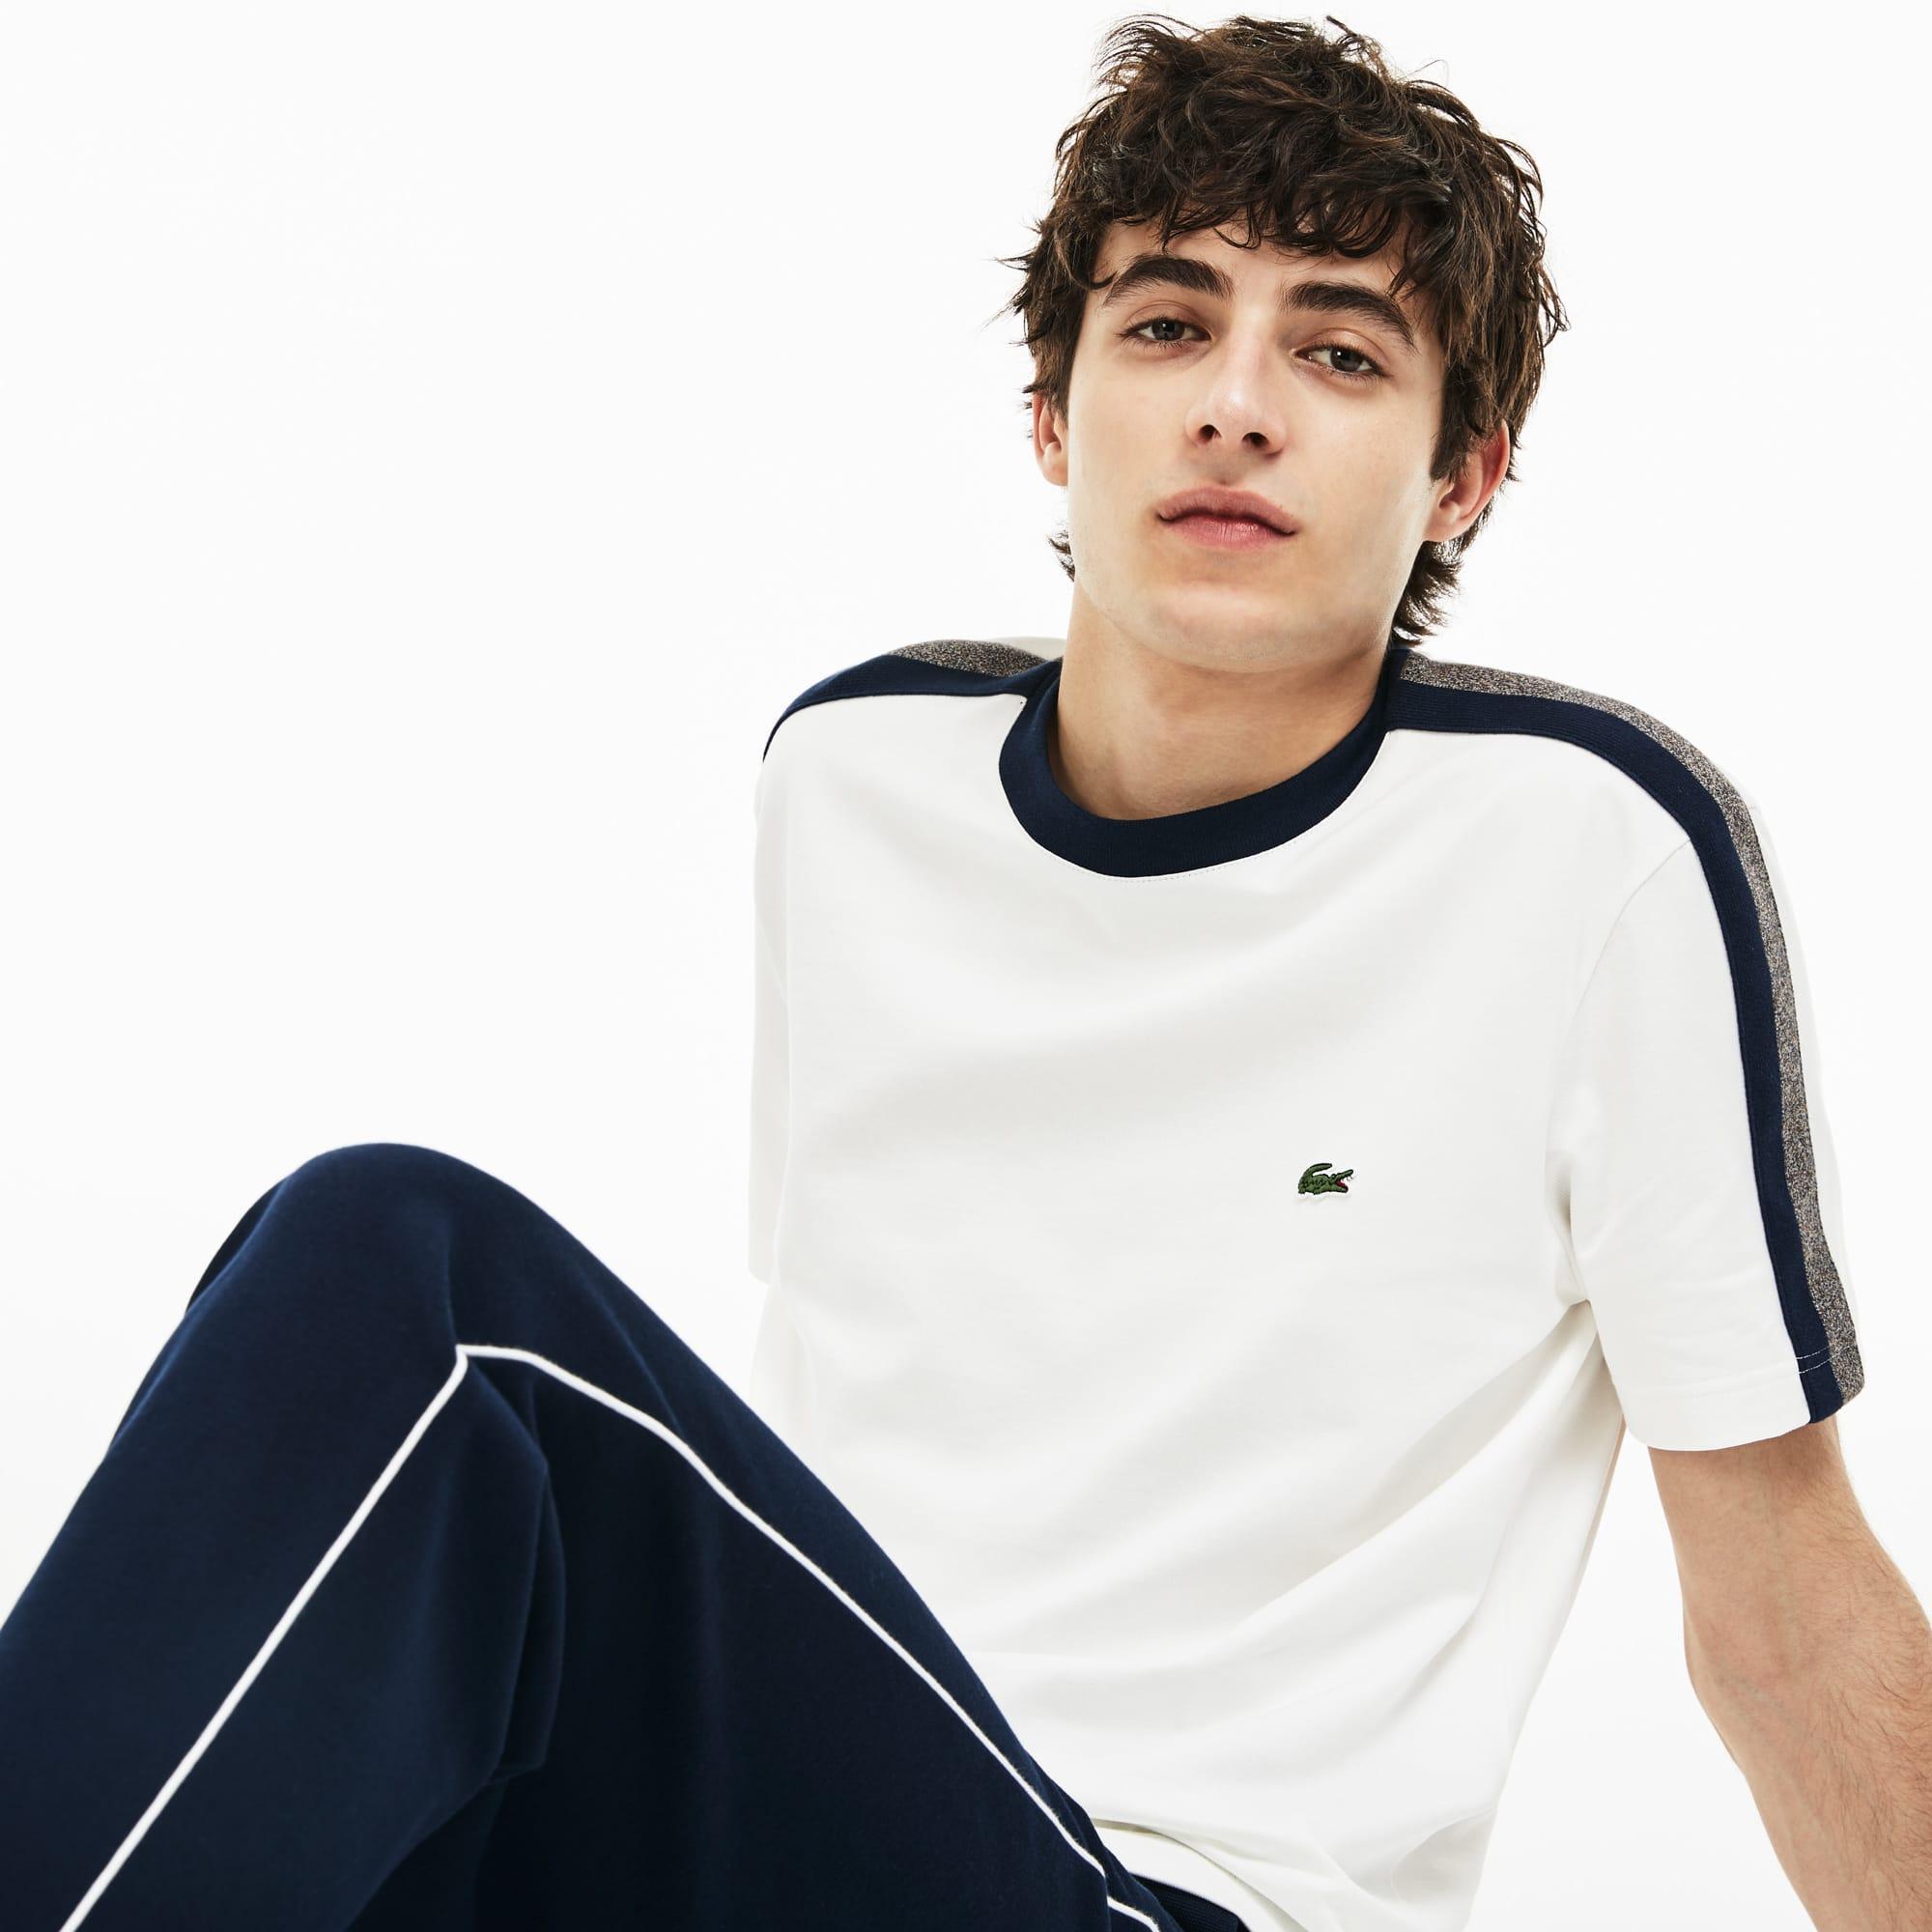 Lacoste - Herren T-Shirt mit Kontrast-Streifen - 5